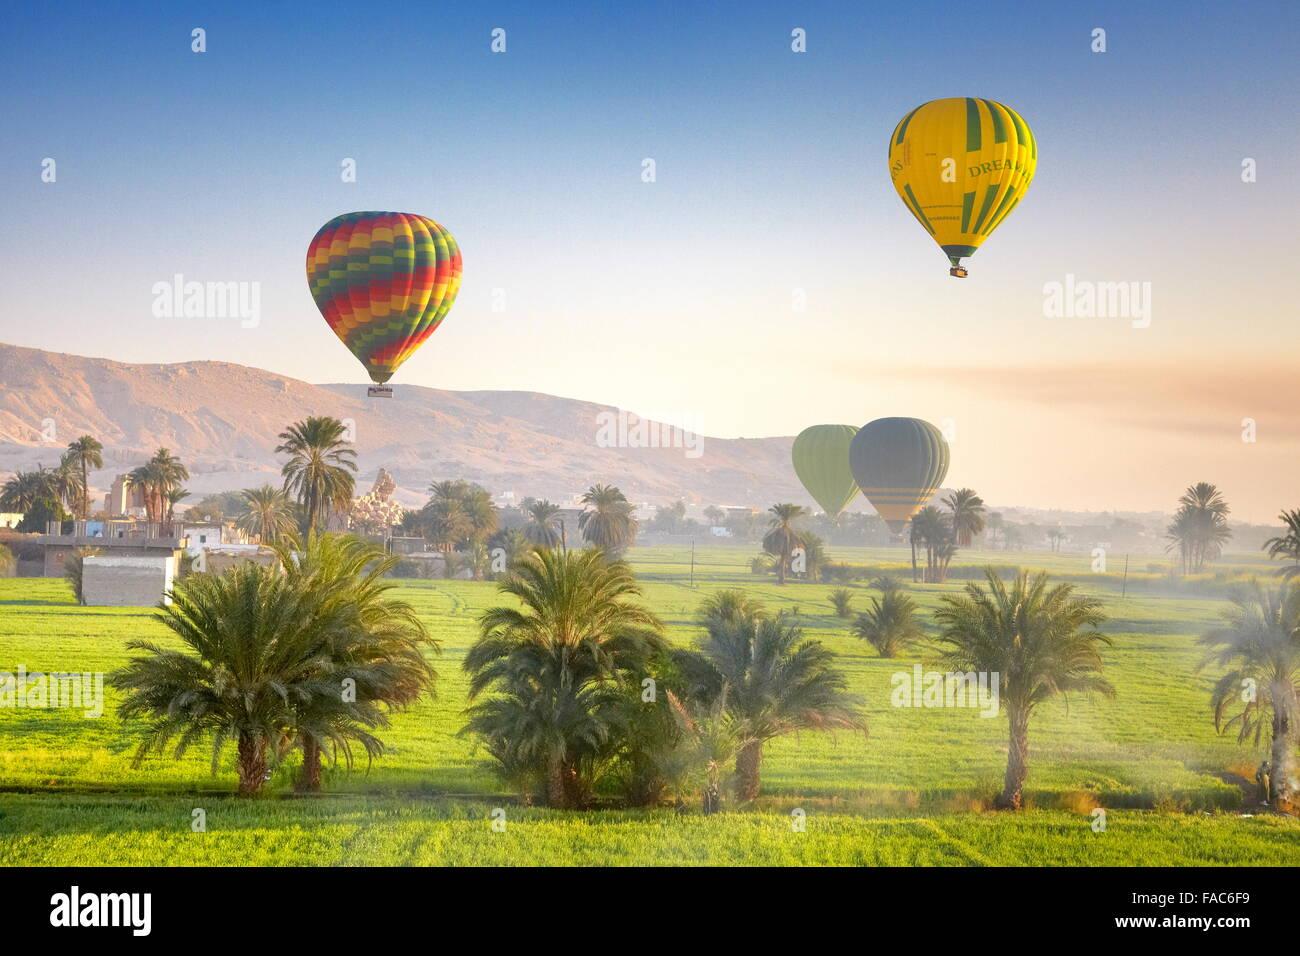 Egitto - Voli in mongolfiera sulla sponda ovest del Nilo, paesaggio di montagne e di valle verde Immagini Stock